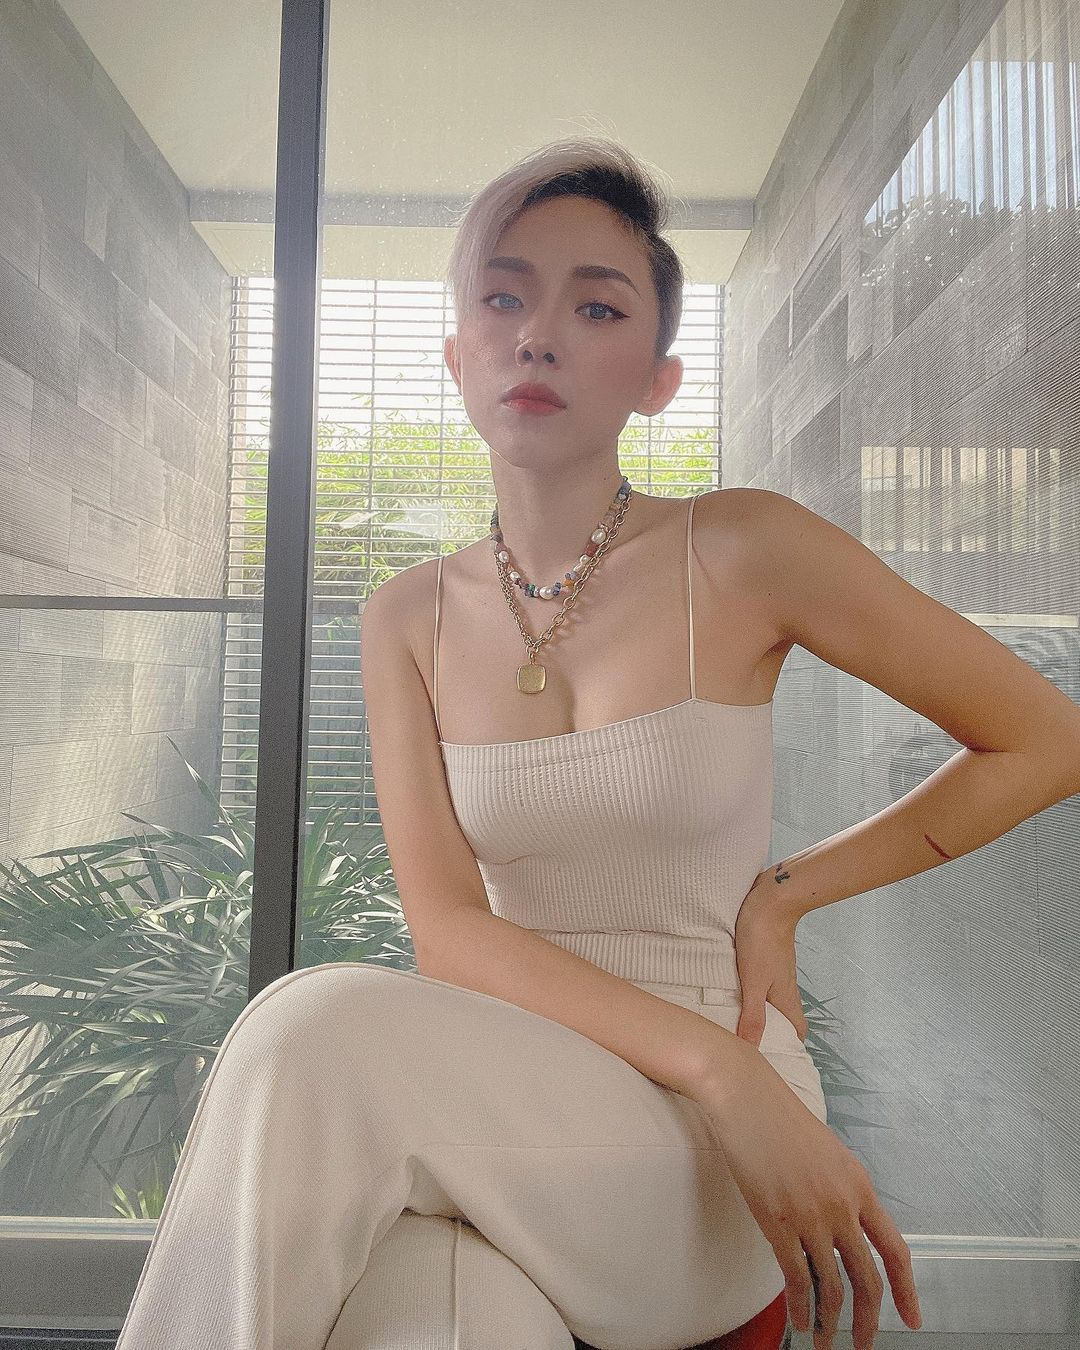 Top những sao nữ Việt 'lên đồ' cực xinh mùa giãn cách: Chi Pu sexy táo bạo, Thiều Bảo Trâm ngày càng 'bánh bèo' - Ảnh 14